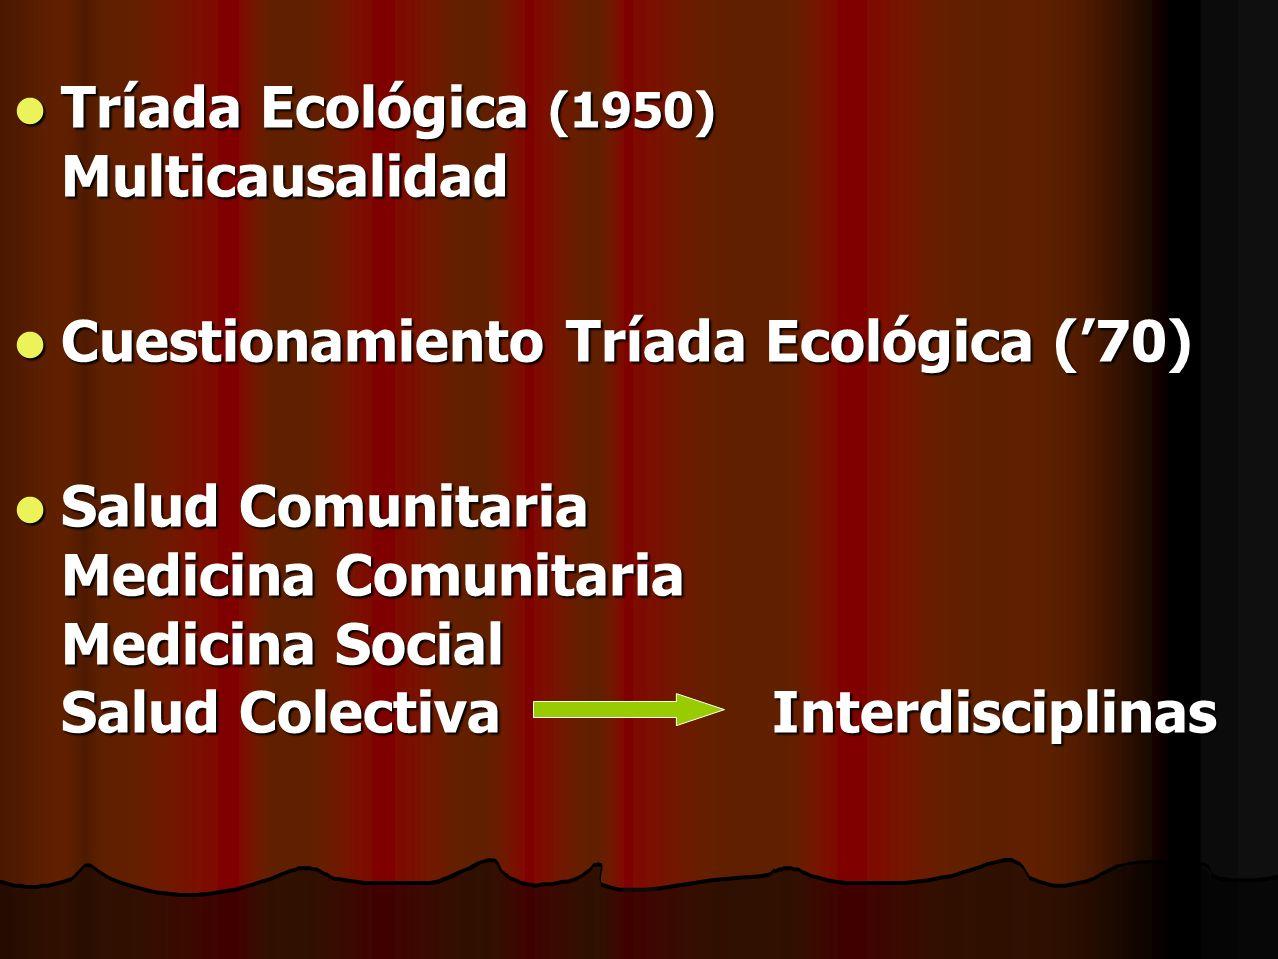 Tríada Ecológica (1950) Multicausalidad